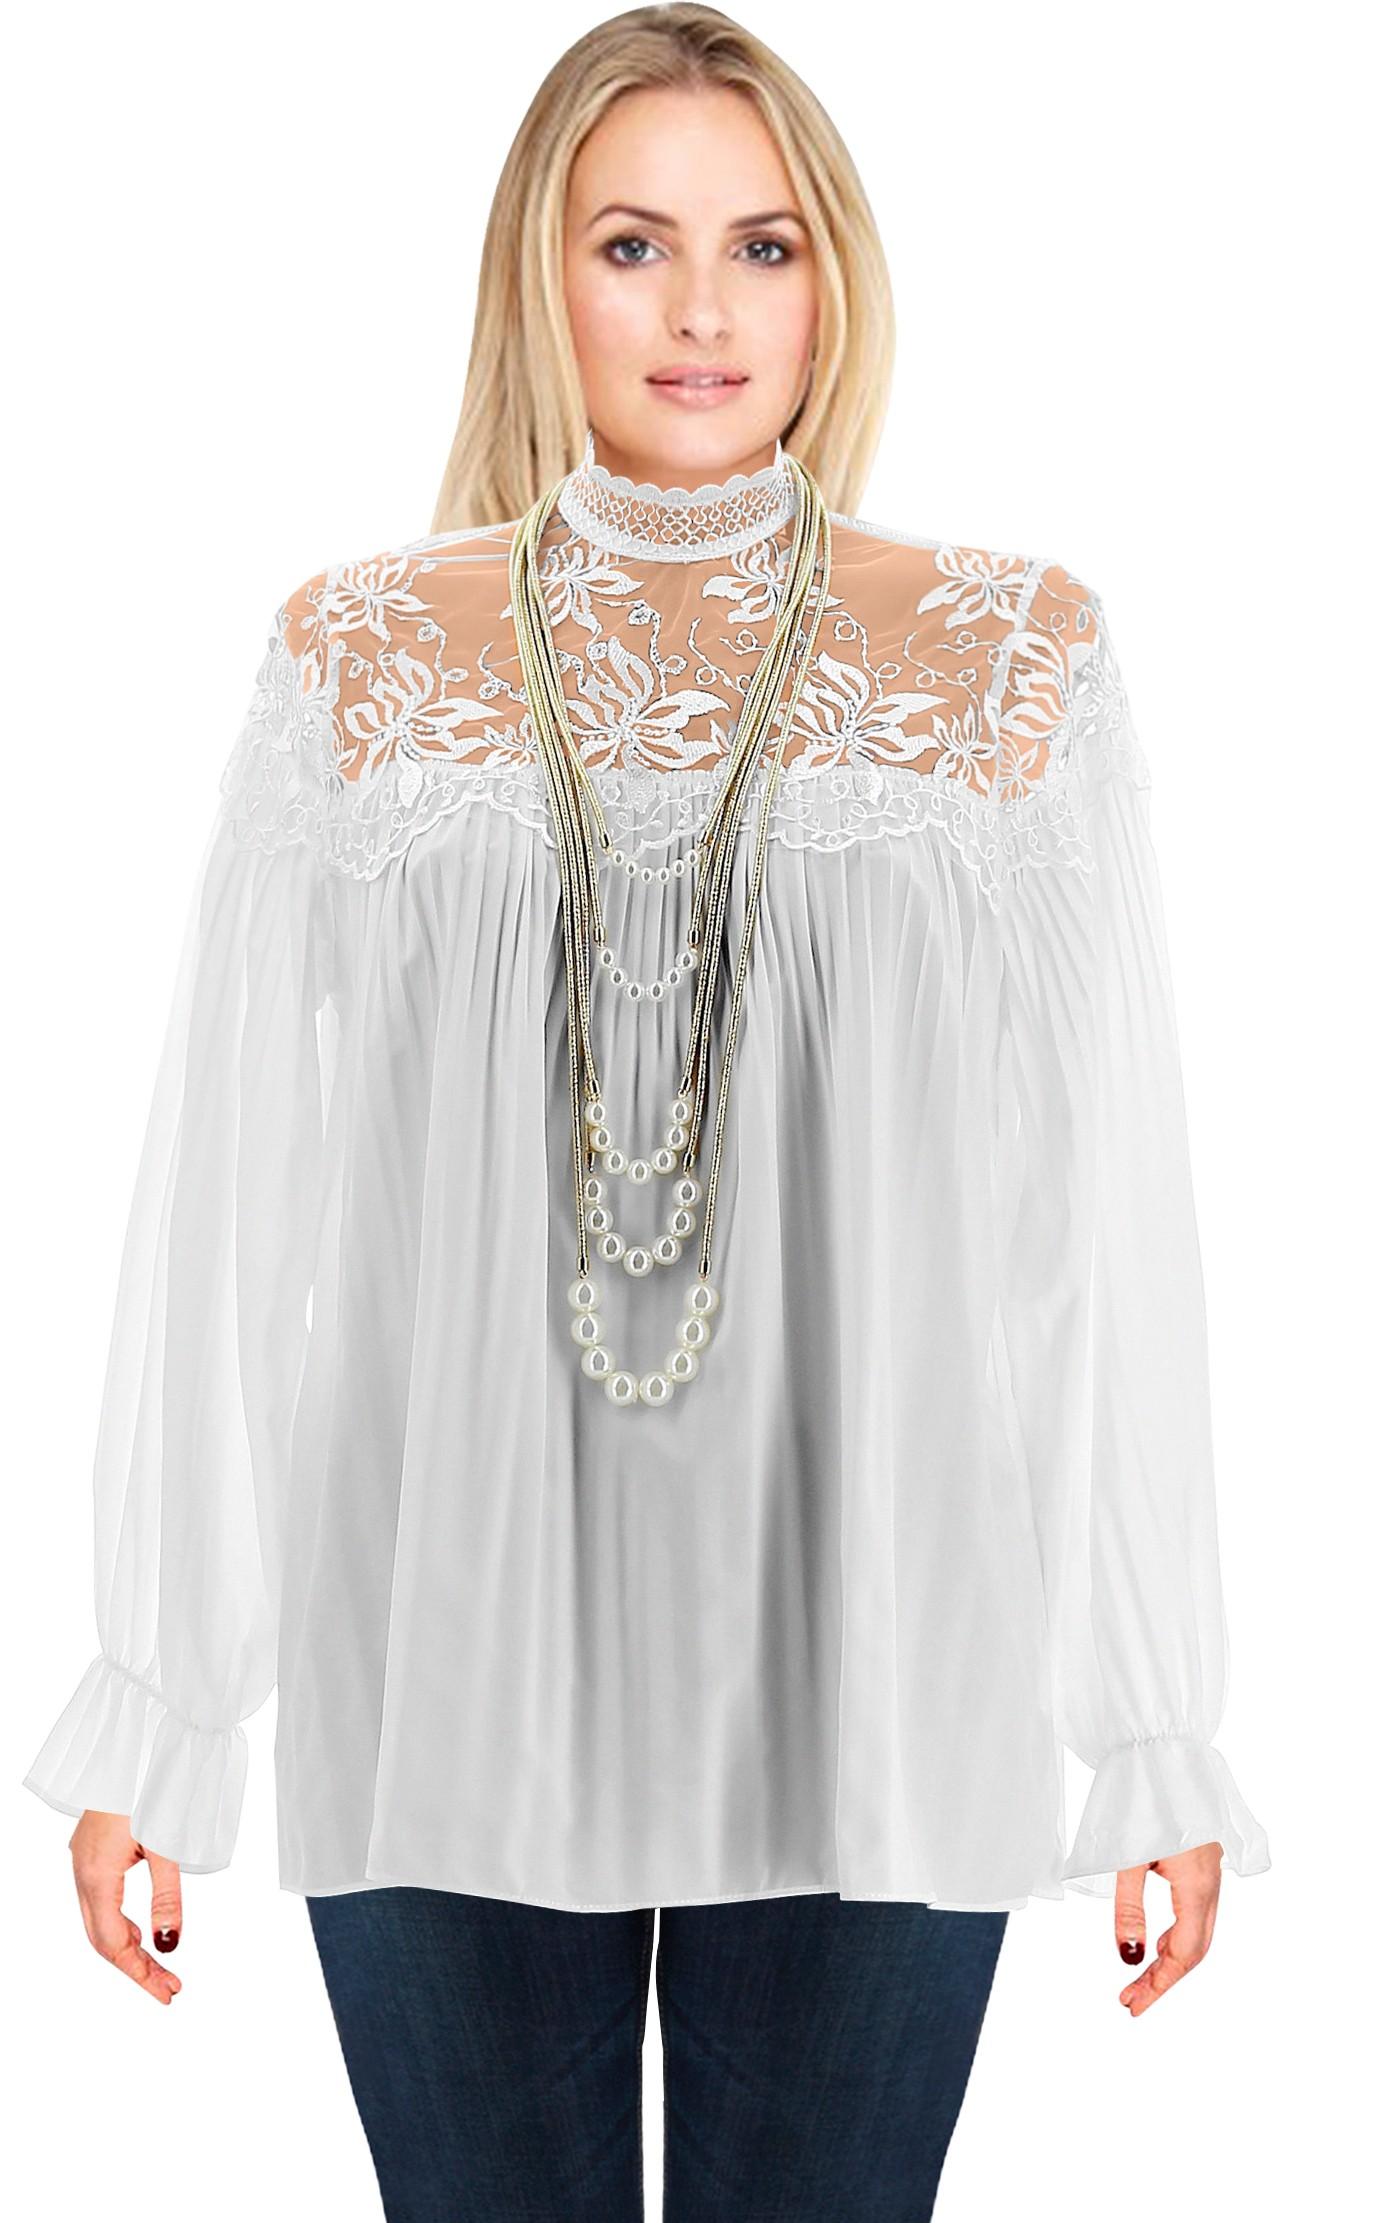 blouse chemisier tunique boh me dentelle blanc jordi. Black Bedroom Furniture Sets. Home Design Ideas